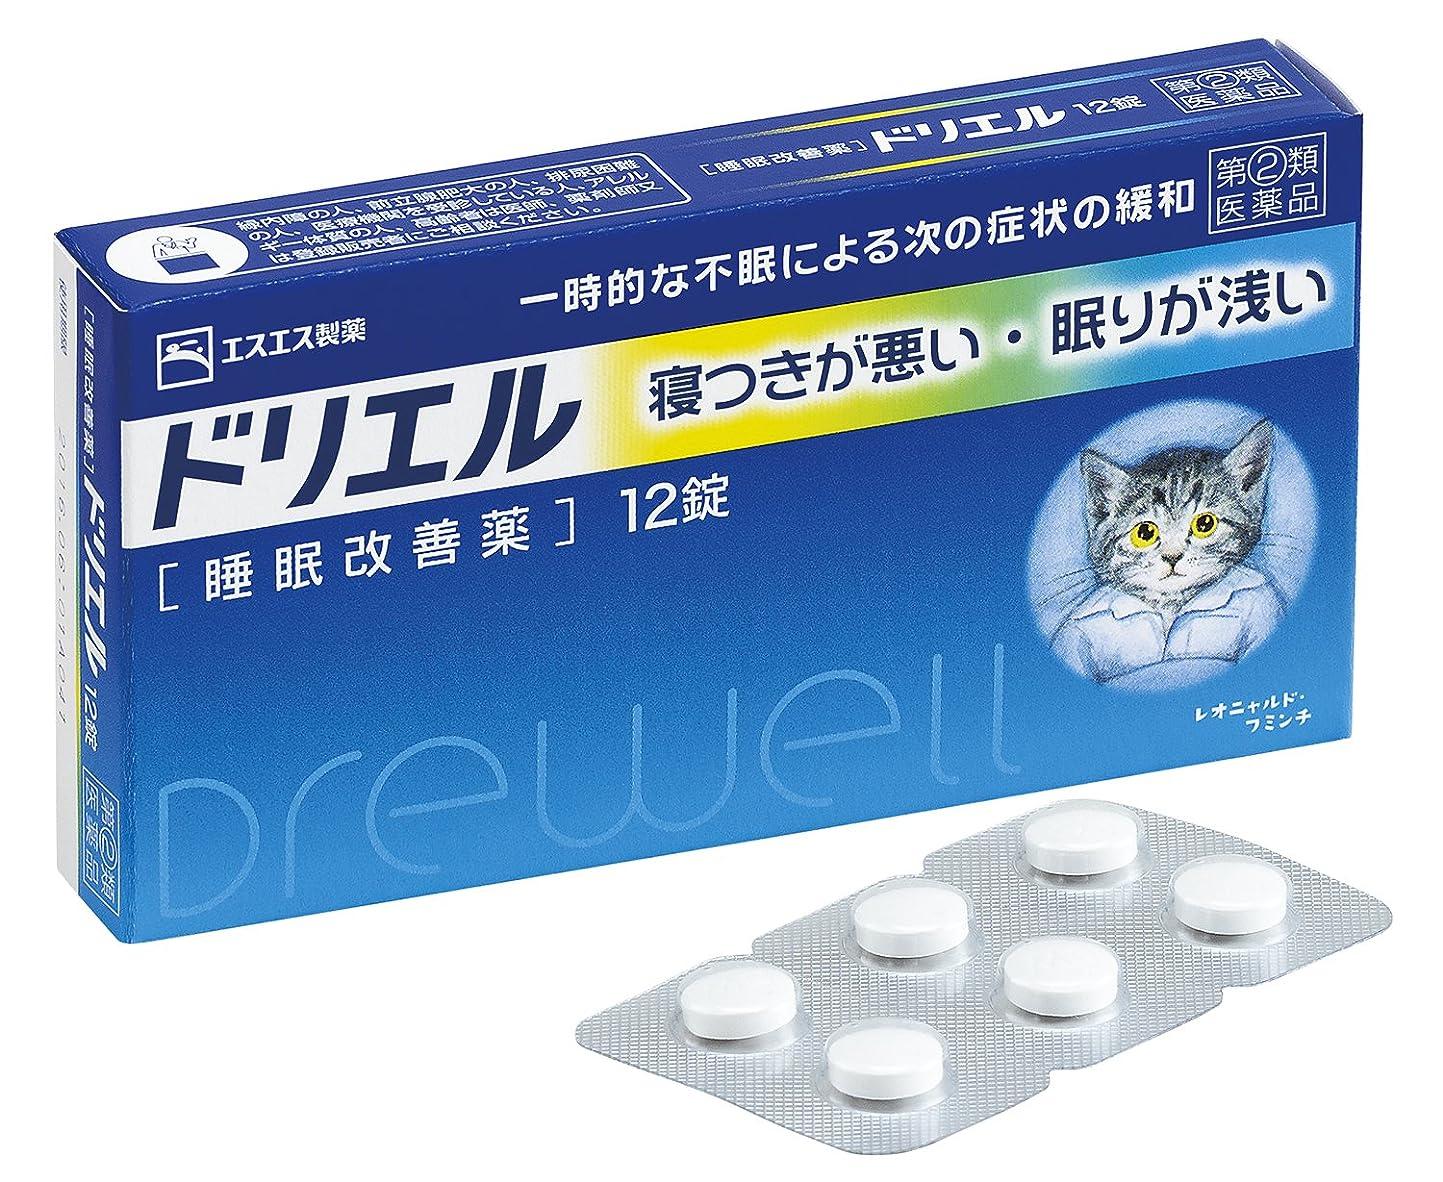 突然表面的な浮く【指定第2類医薬品】ドリエル 12錠